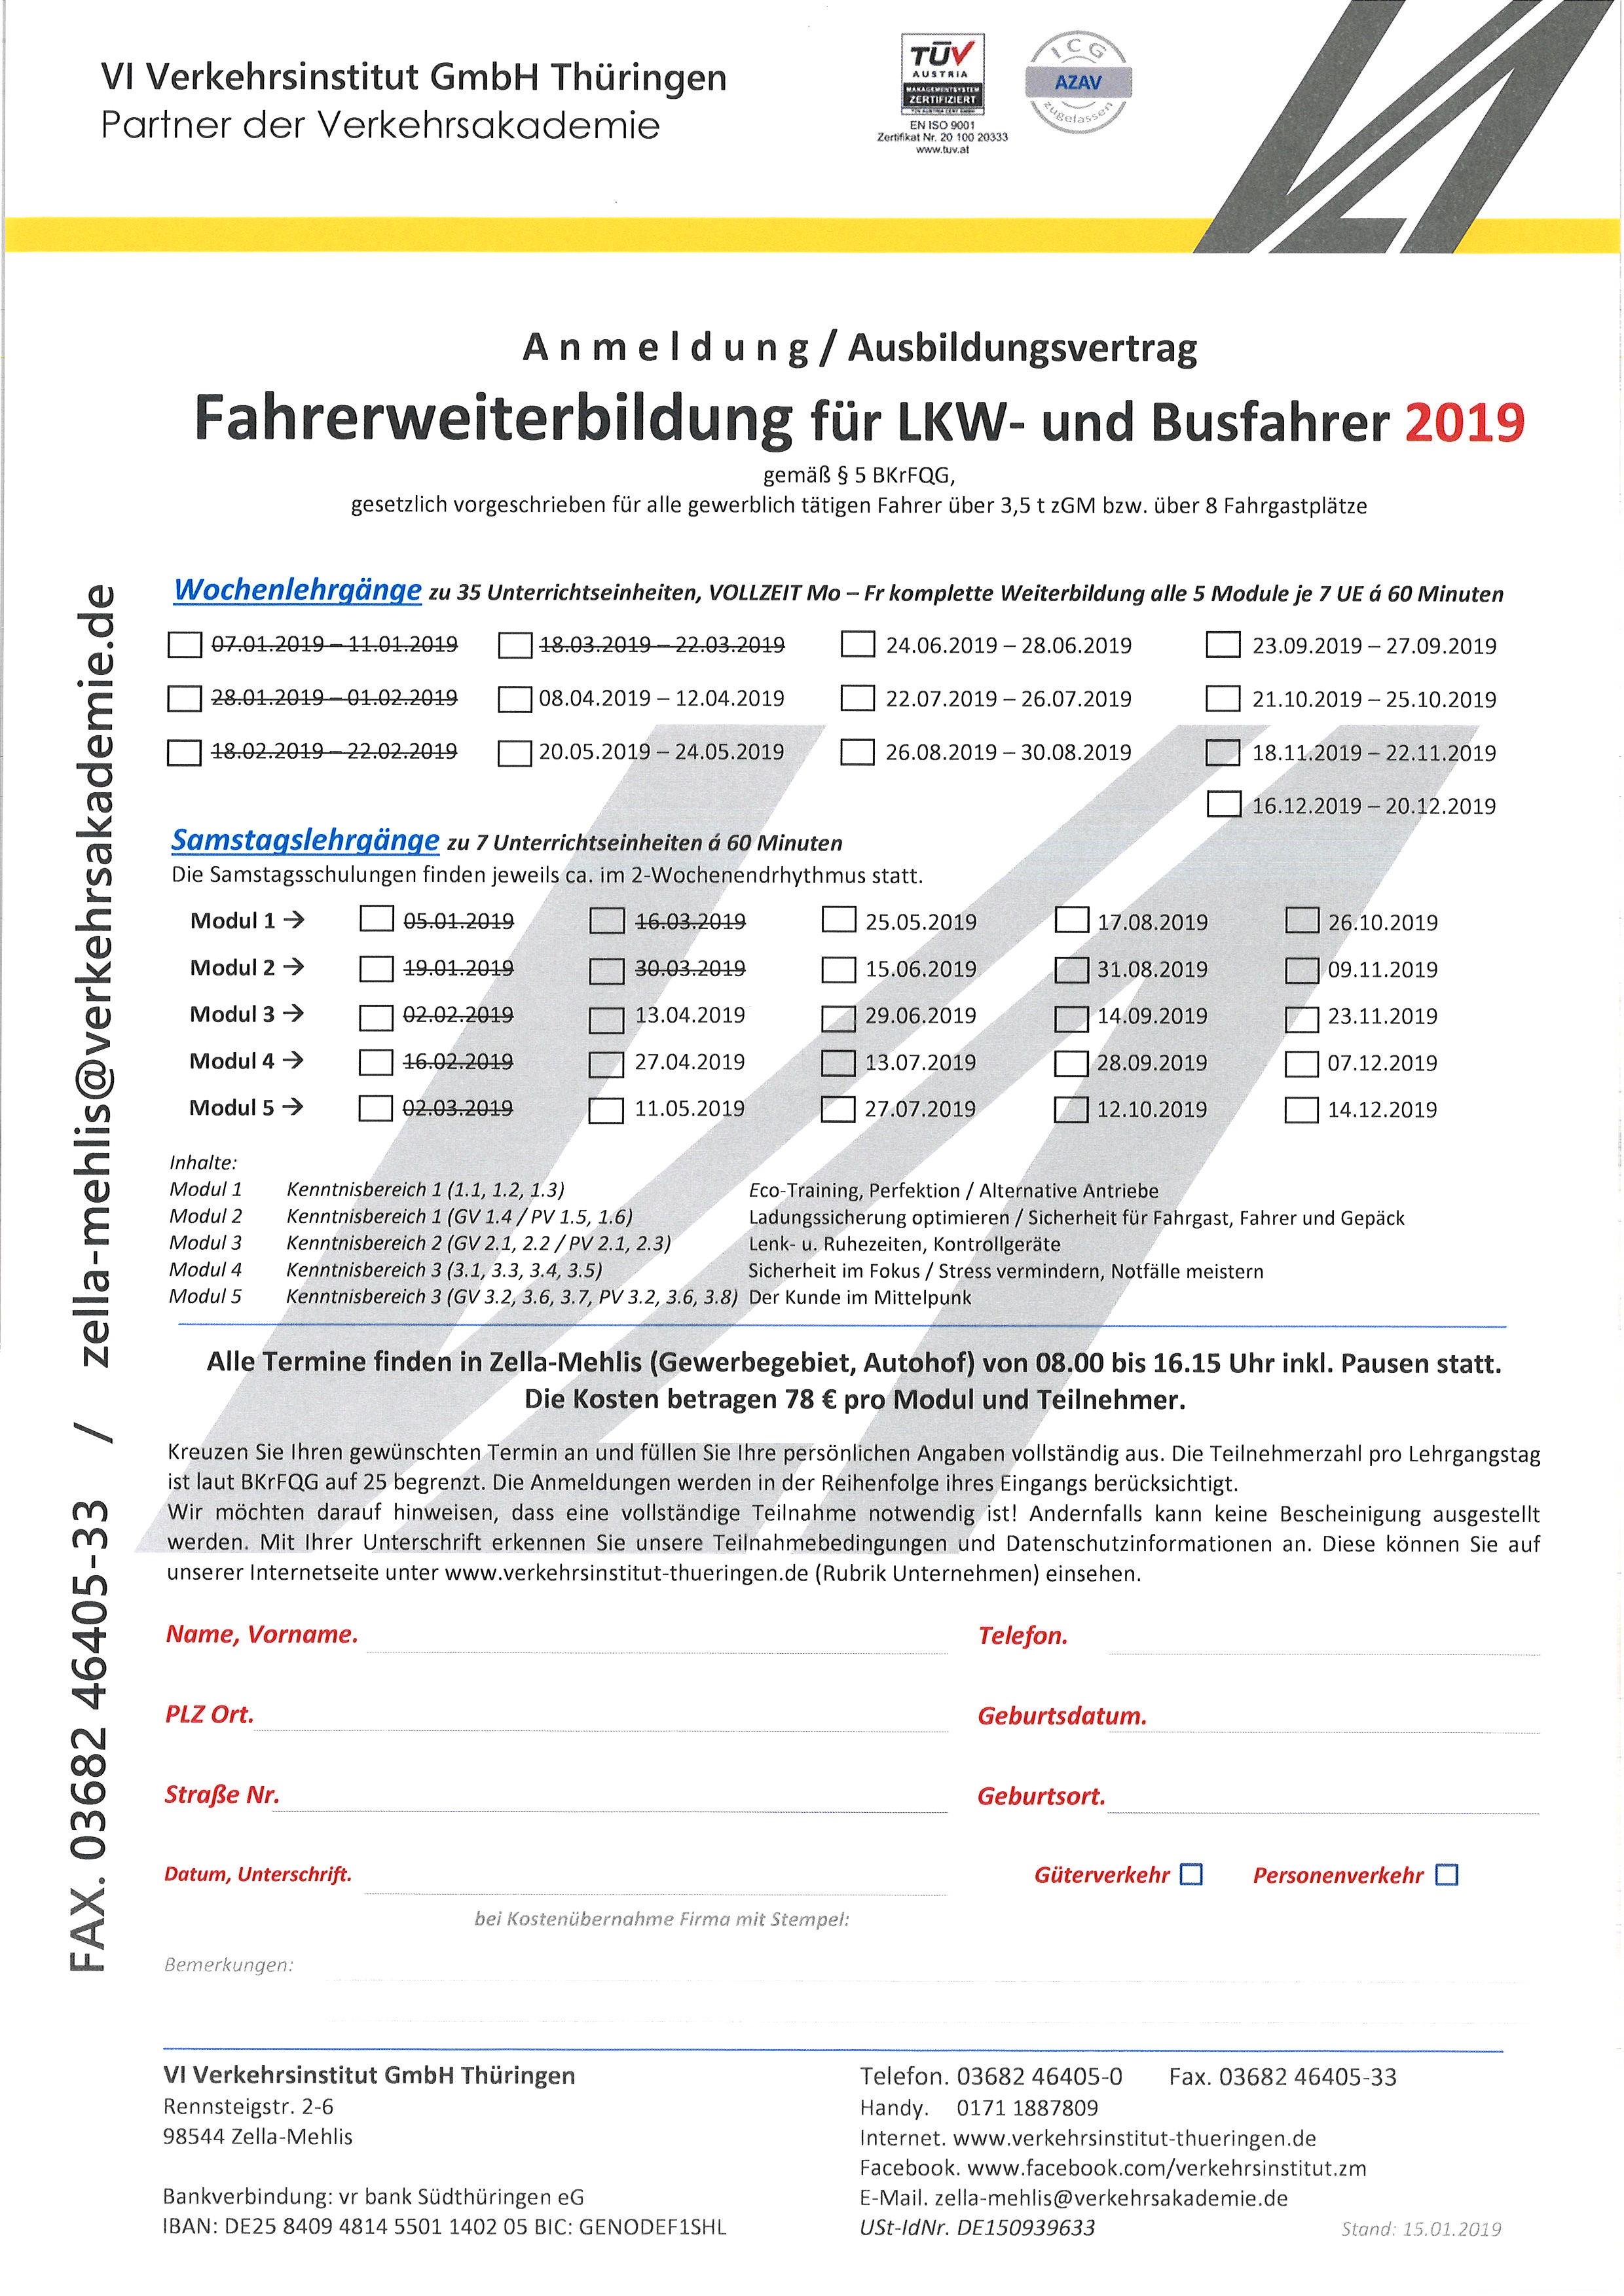 Anmeldeformular vom Verkehrsinstitut Thüringen zur Berufskraftfahrer Weiterbildung für LKW- und Busfahrer